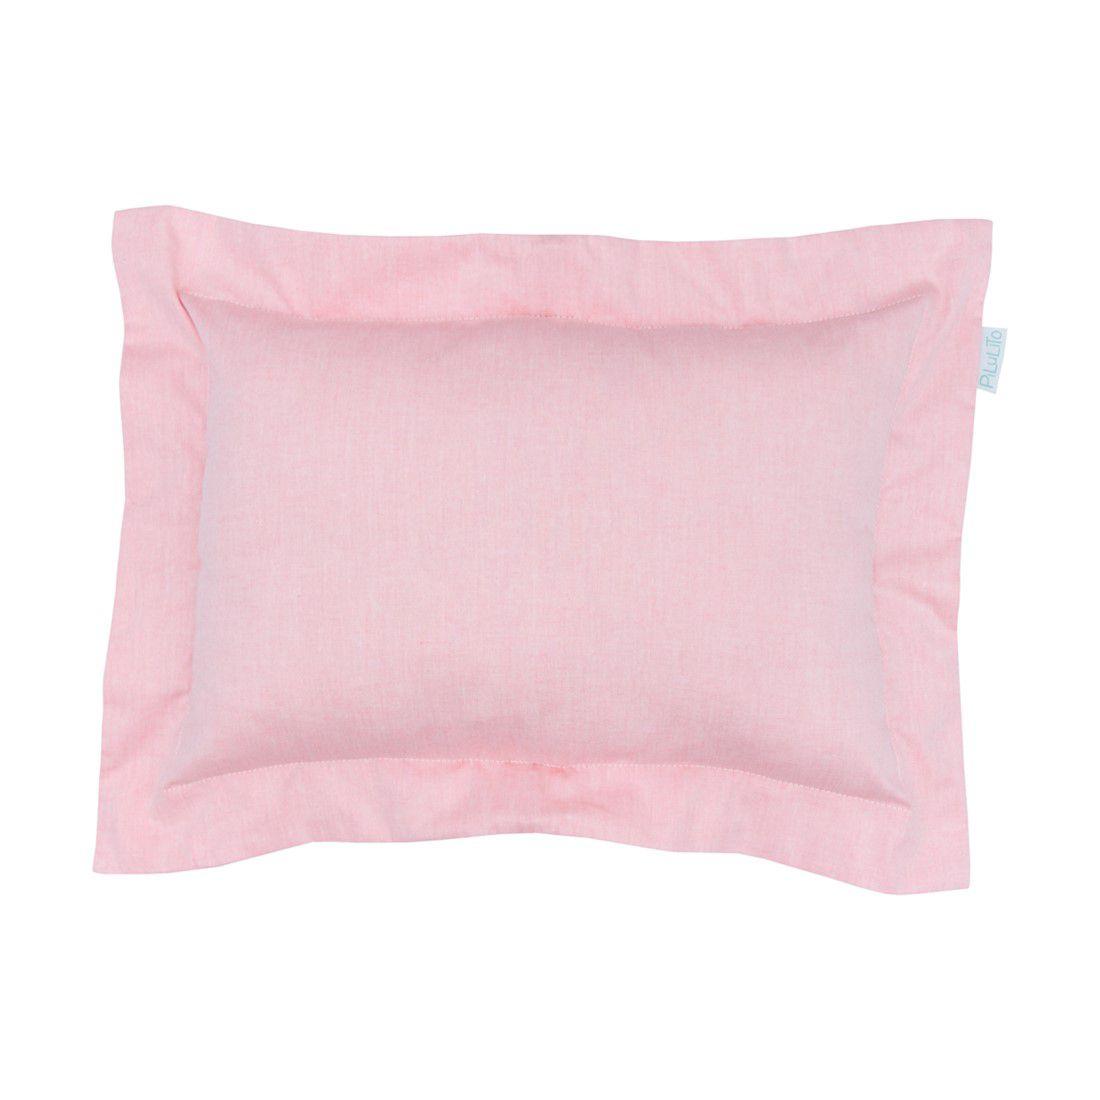 Capa de almofada 45x30cm rosa chá